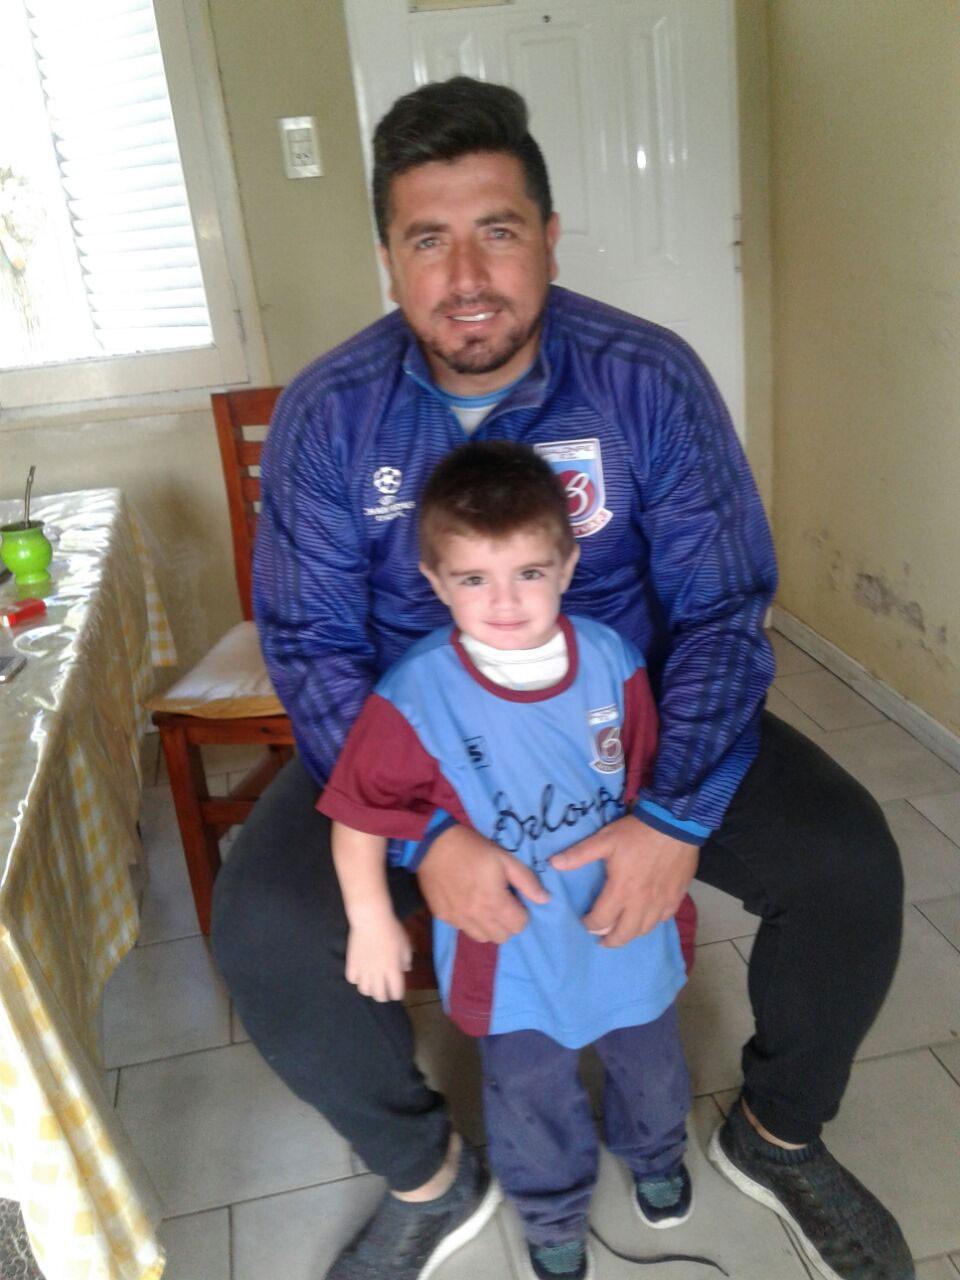 Fútbol: Torneo Preparación, Balonpie campeón en reserva